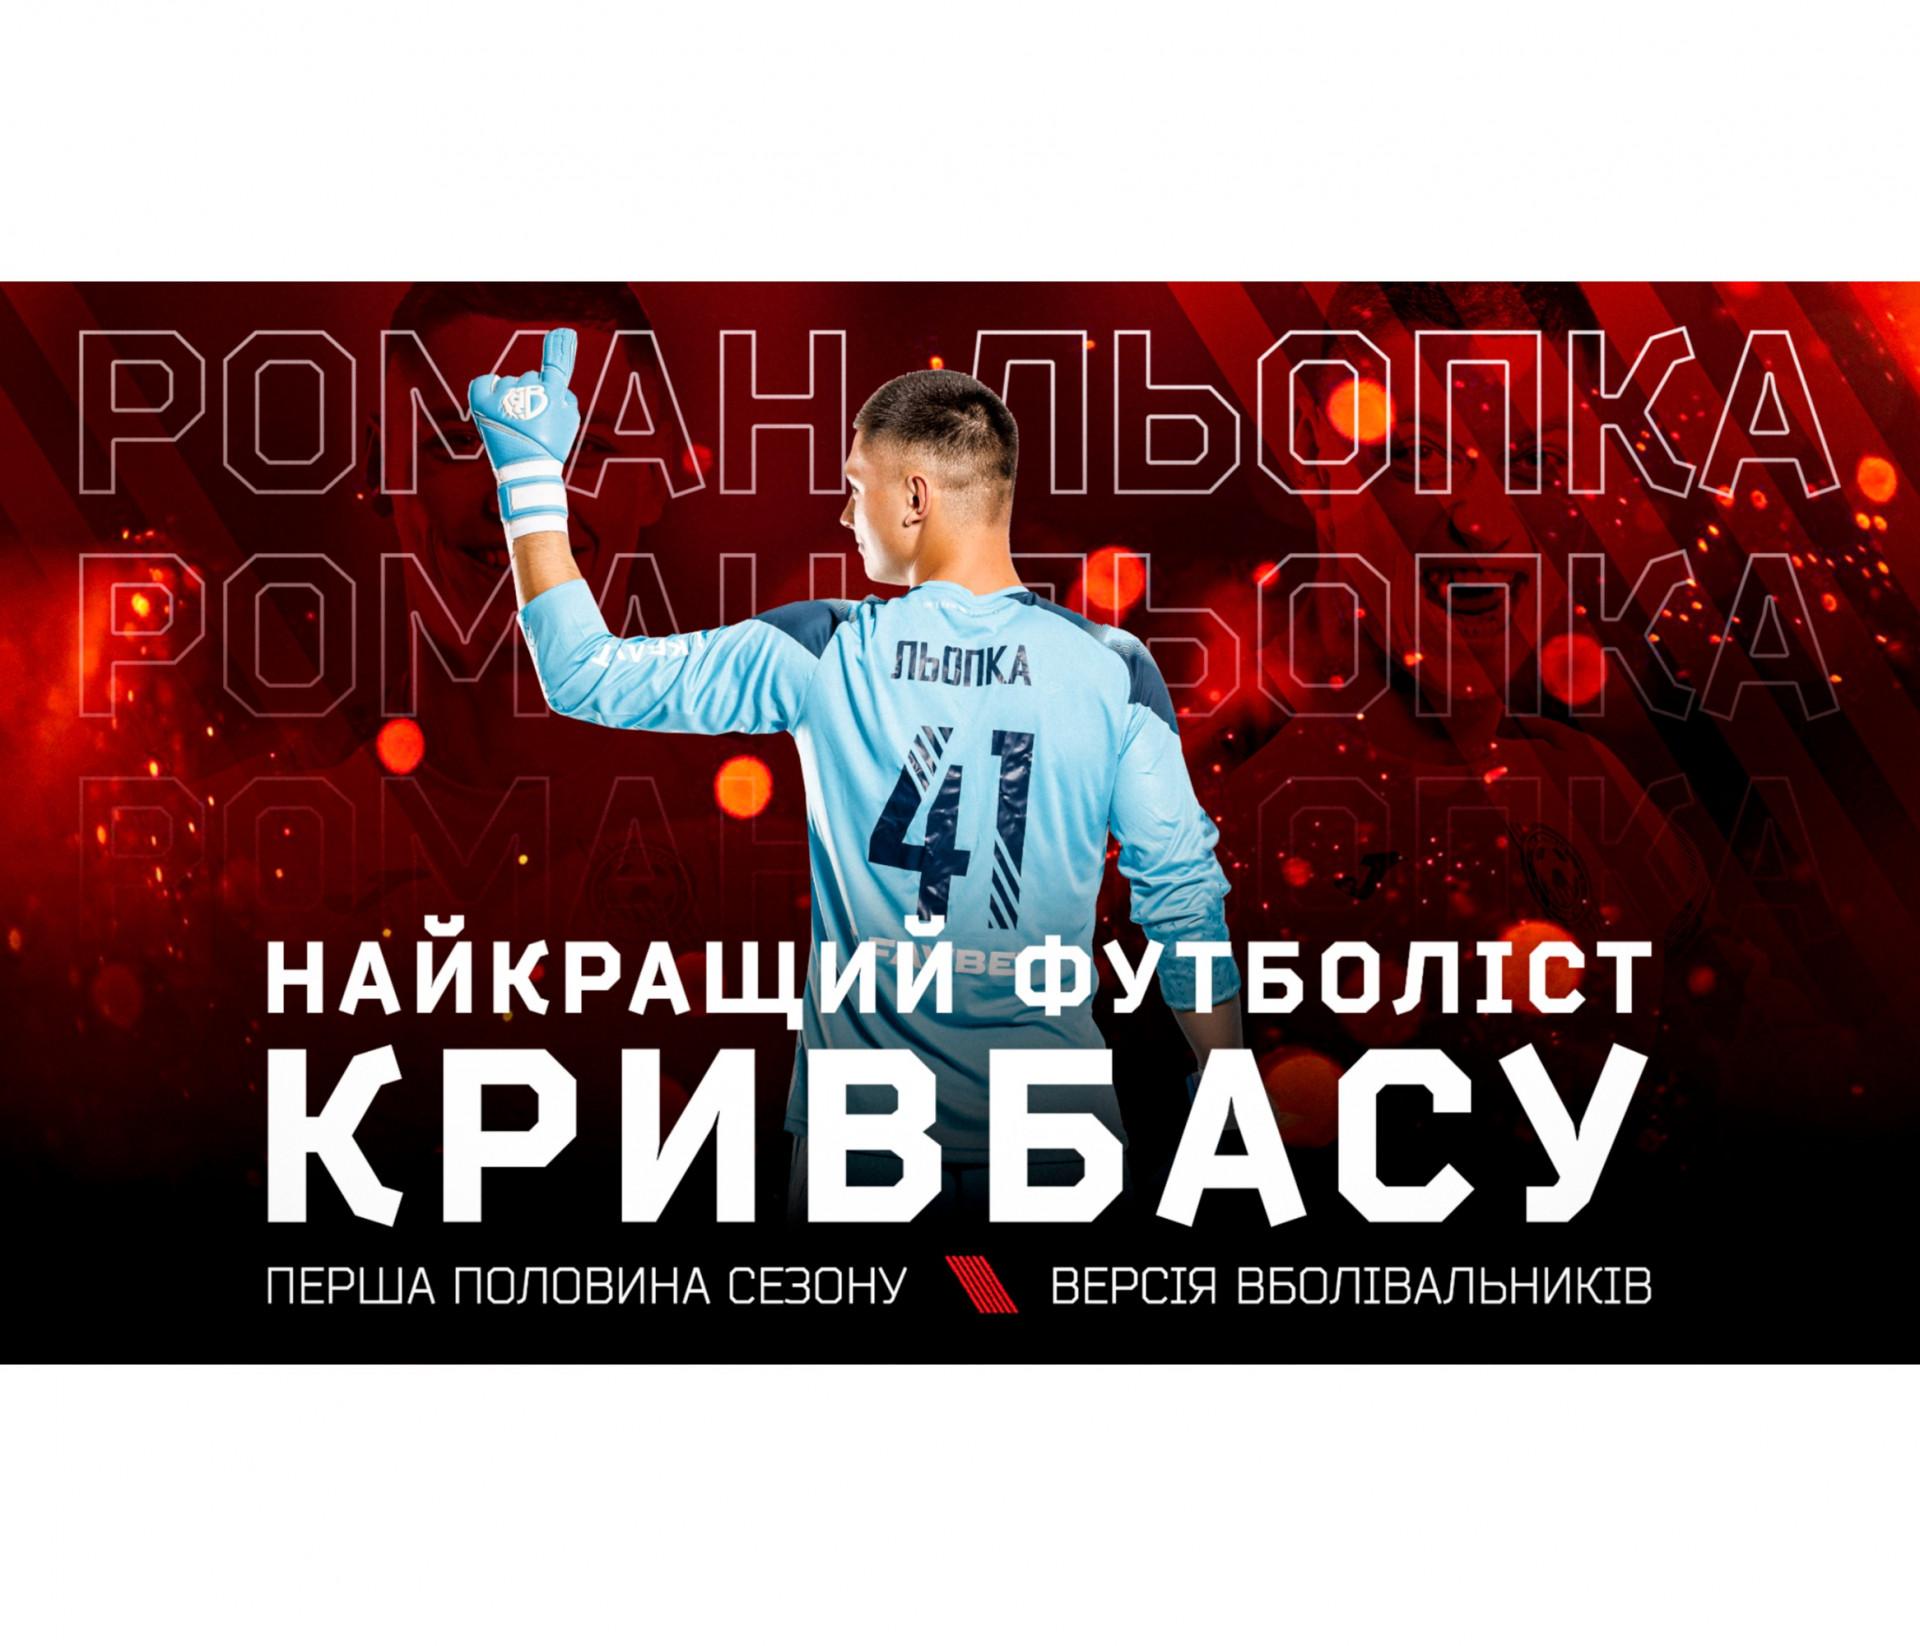 """Роман Льопка - найкращий гравець """"Кривбасу"""" у першому півріччі!}"""